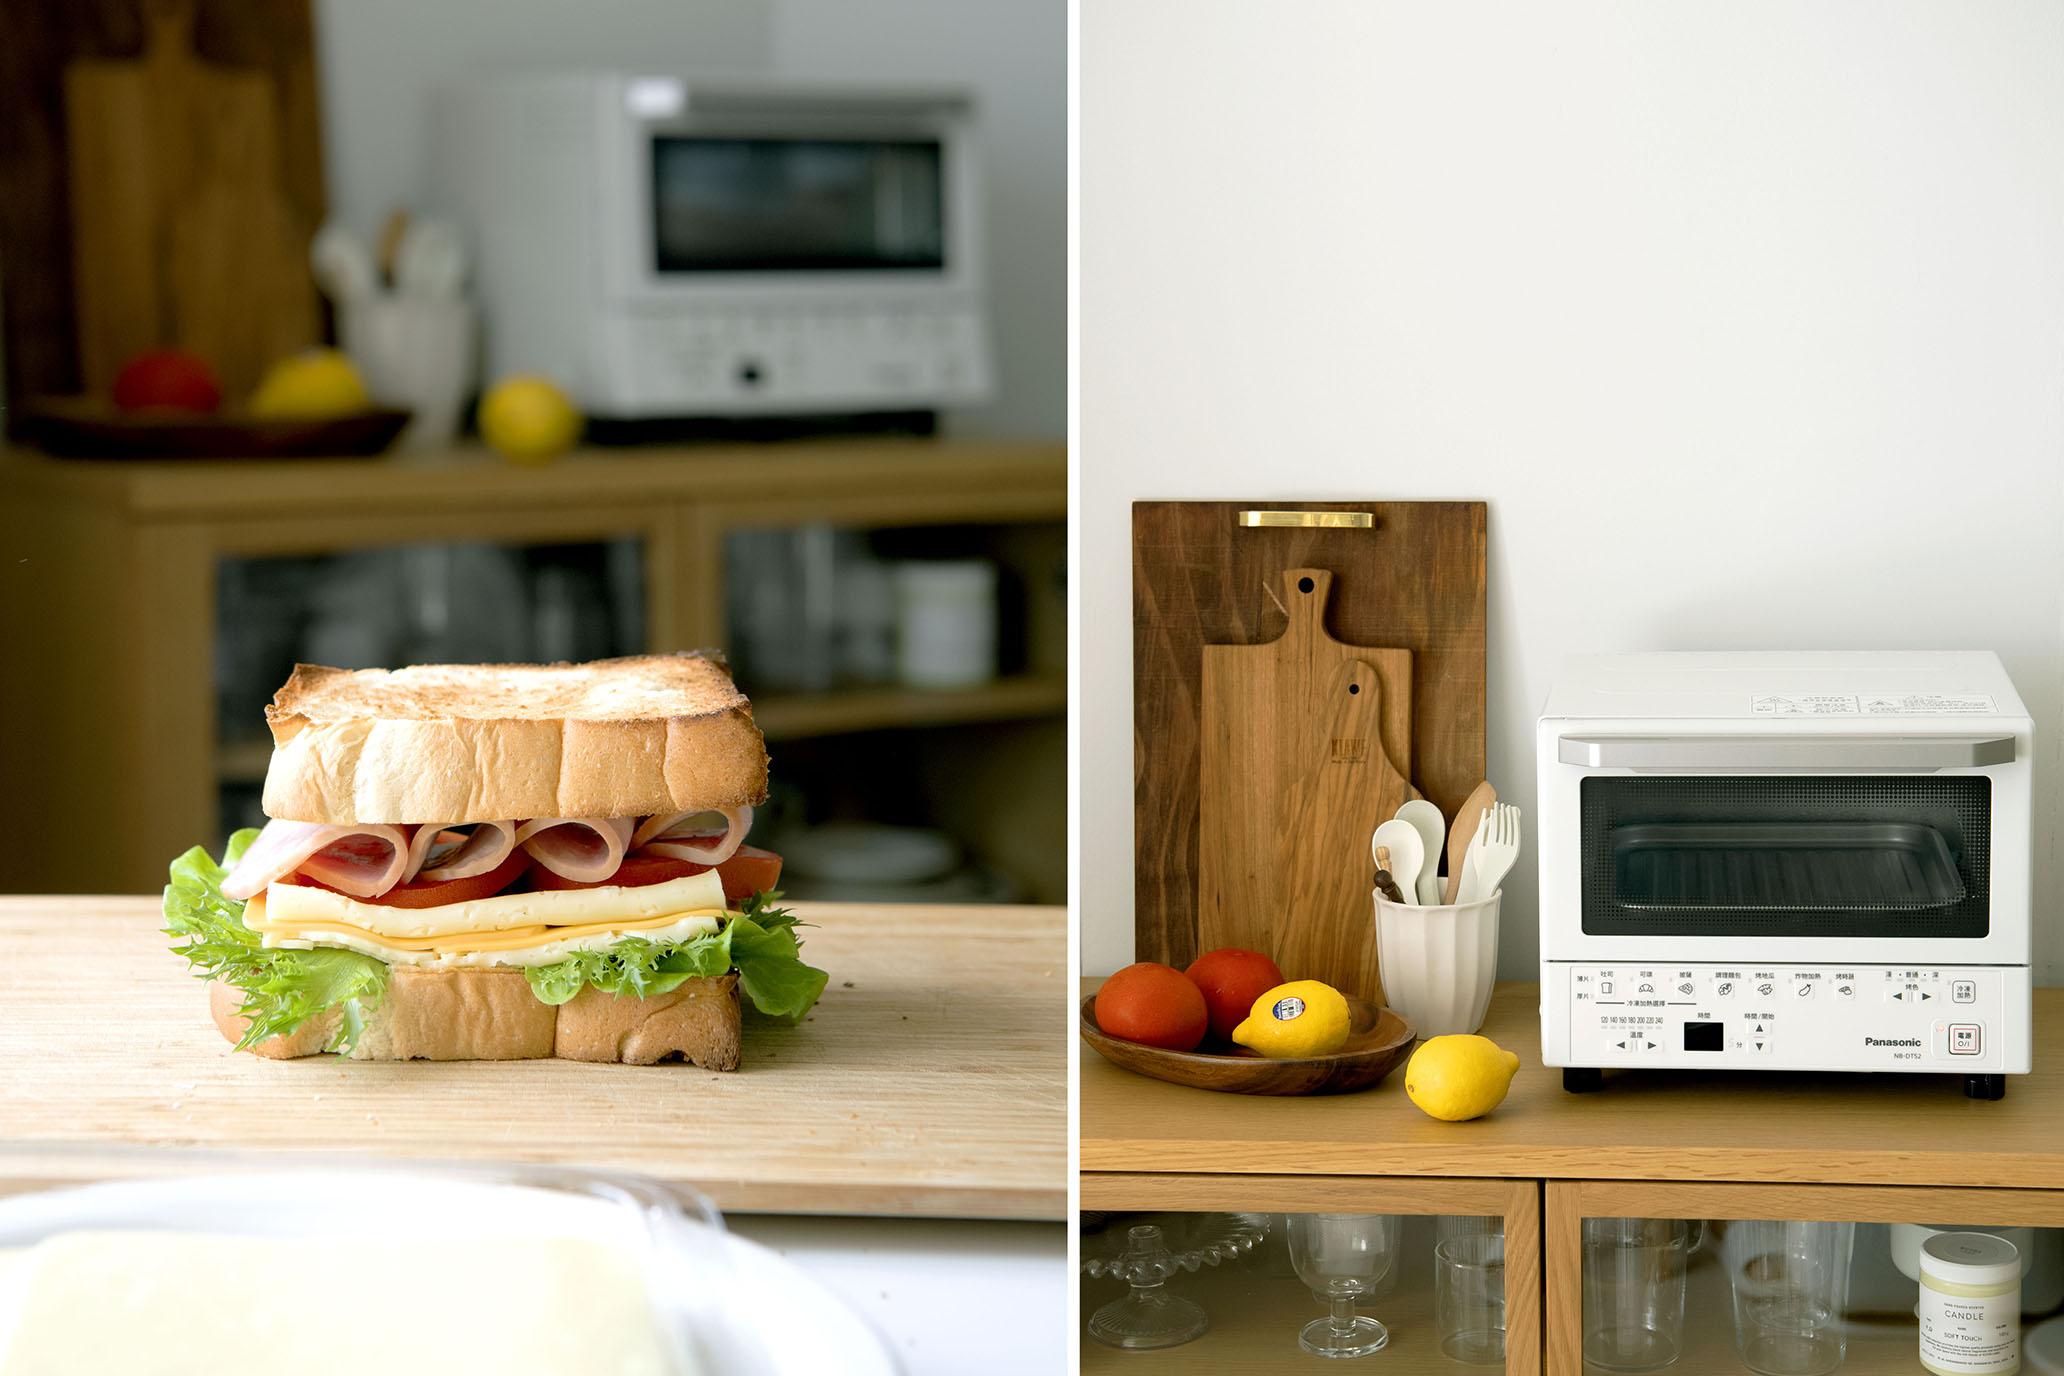 網站近期文章:和自己說好學會獨立,但關於餘生美味我都想靠它|Panasonic日本超人氣智能烤箱NB-DT52